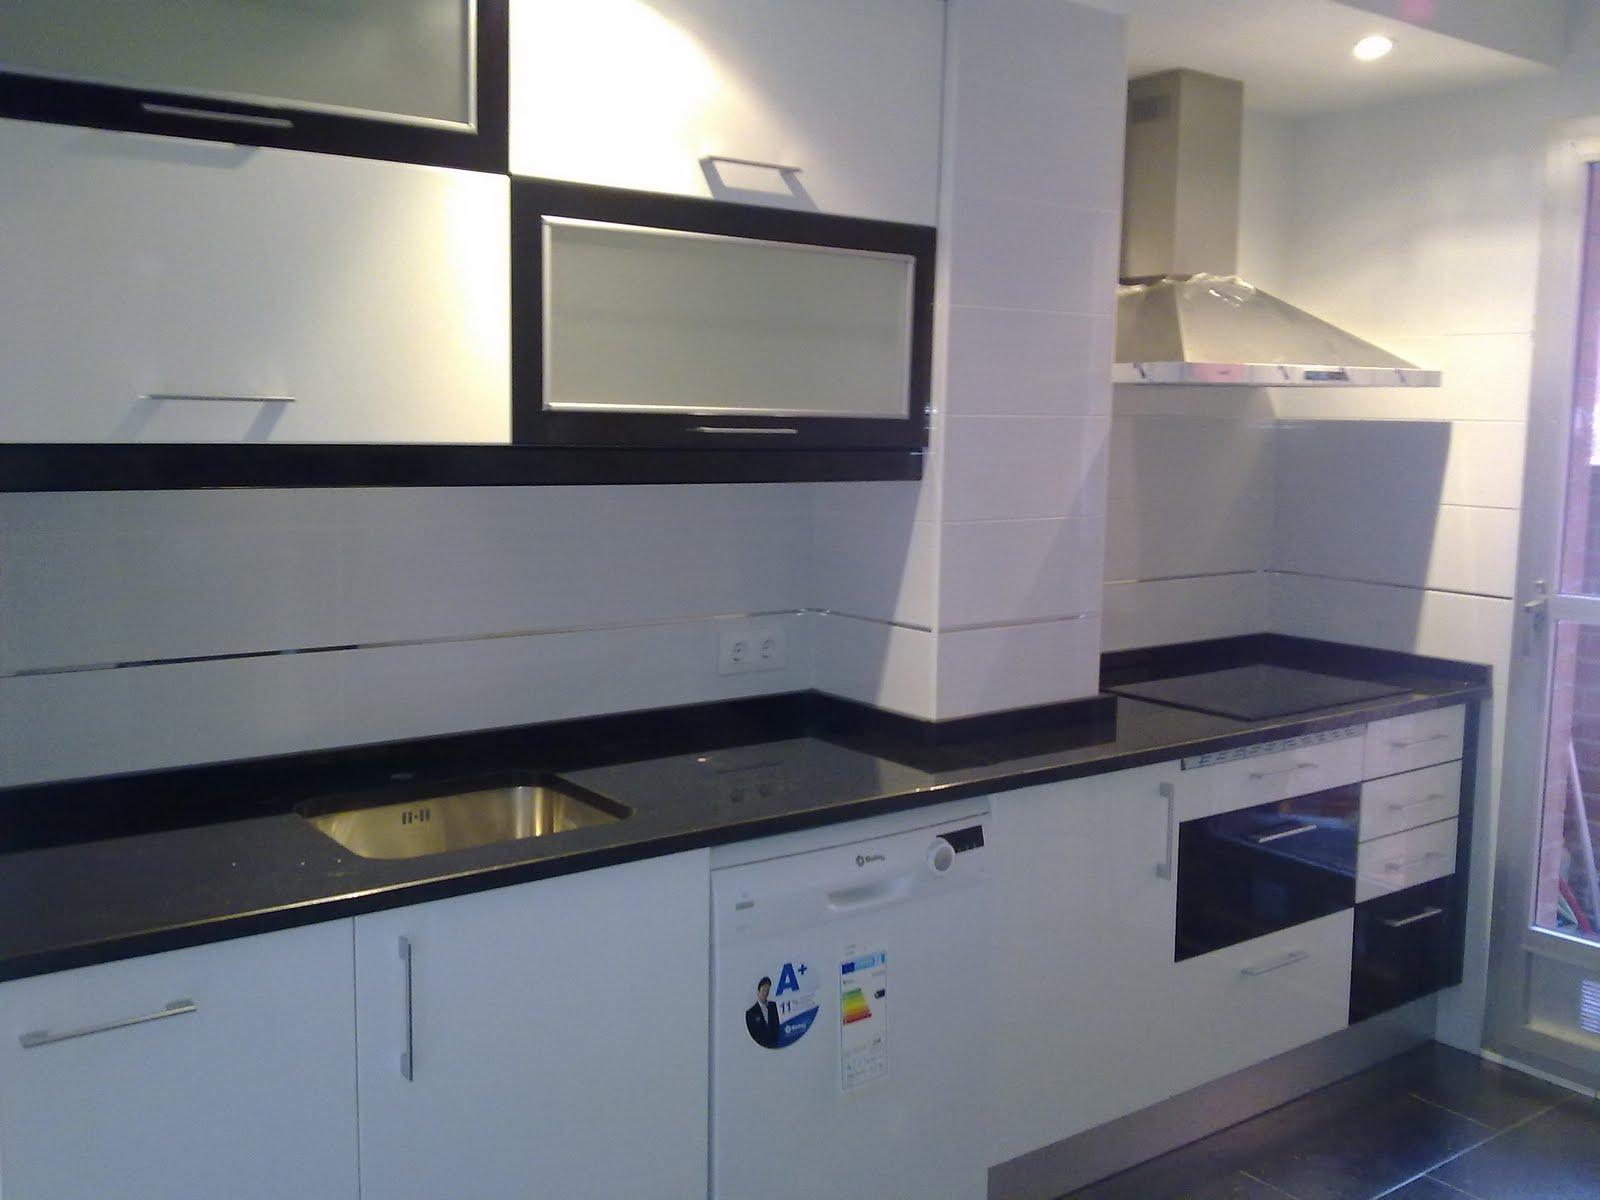 Laminado alto brillo 2011 136 a 138 cocinas ayz eurolar - Muebles de cocina sueltos ...